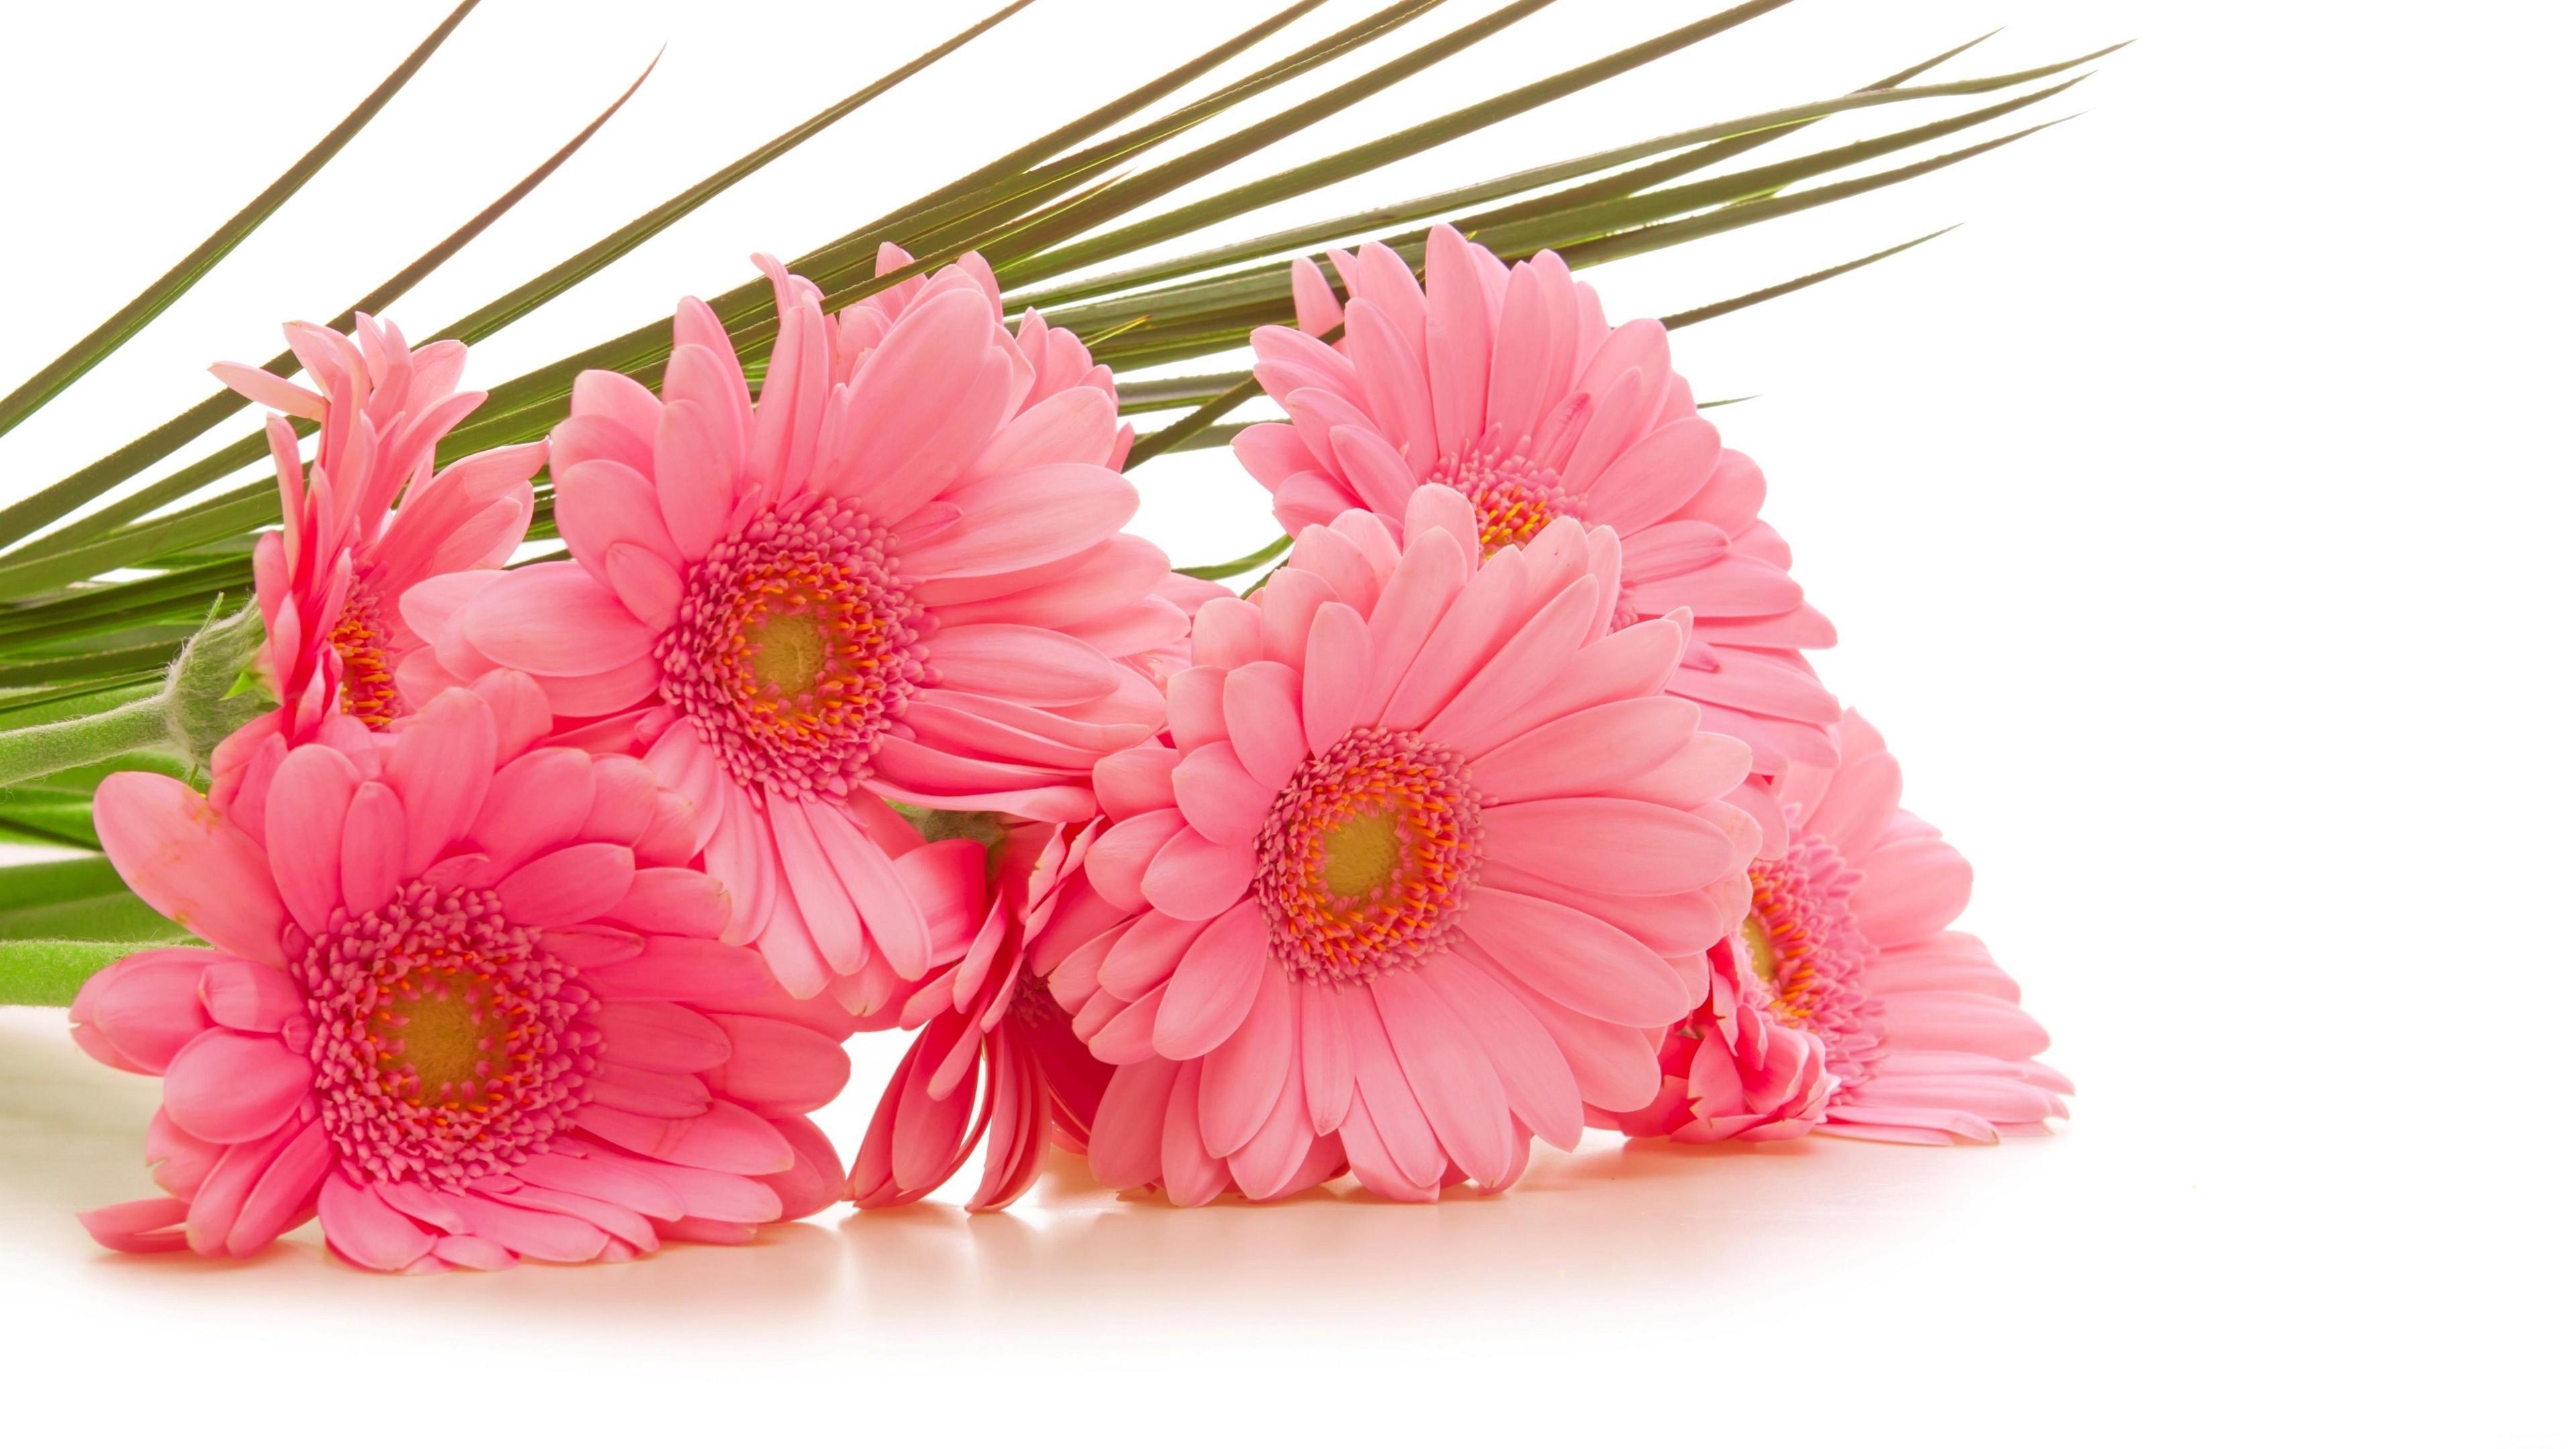 gerbera flowers bouquet pink green 4k 1540064891 - gerbera, flowers, bouquet, pink, green 4k - Gerbera, Flowers, Bouquet